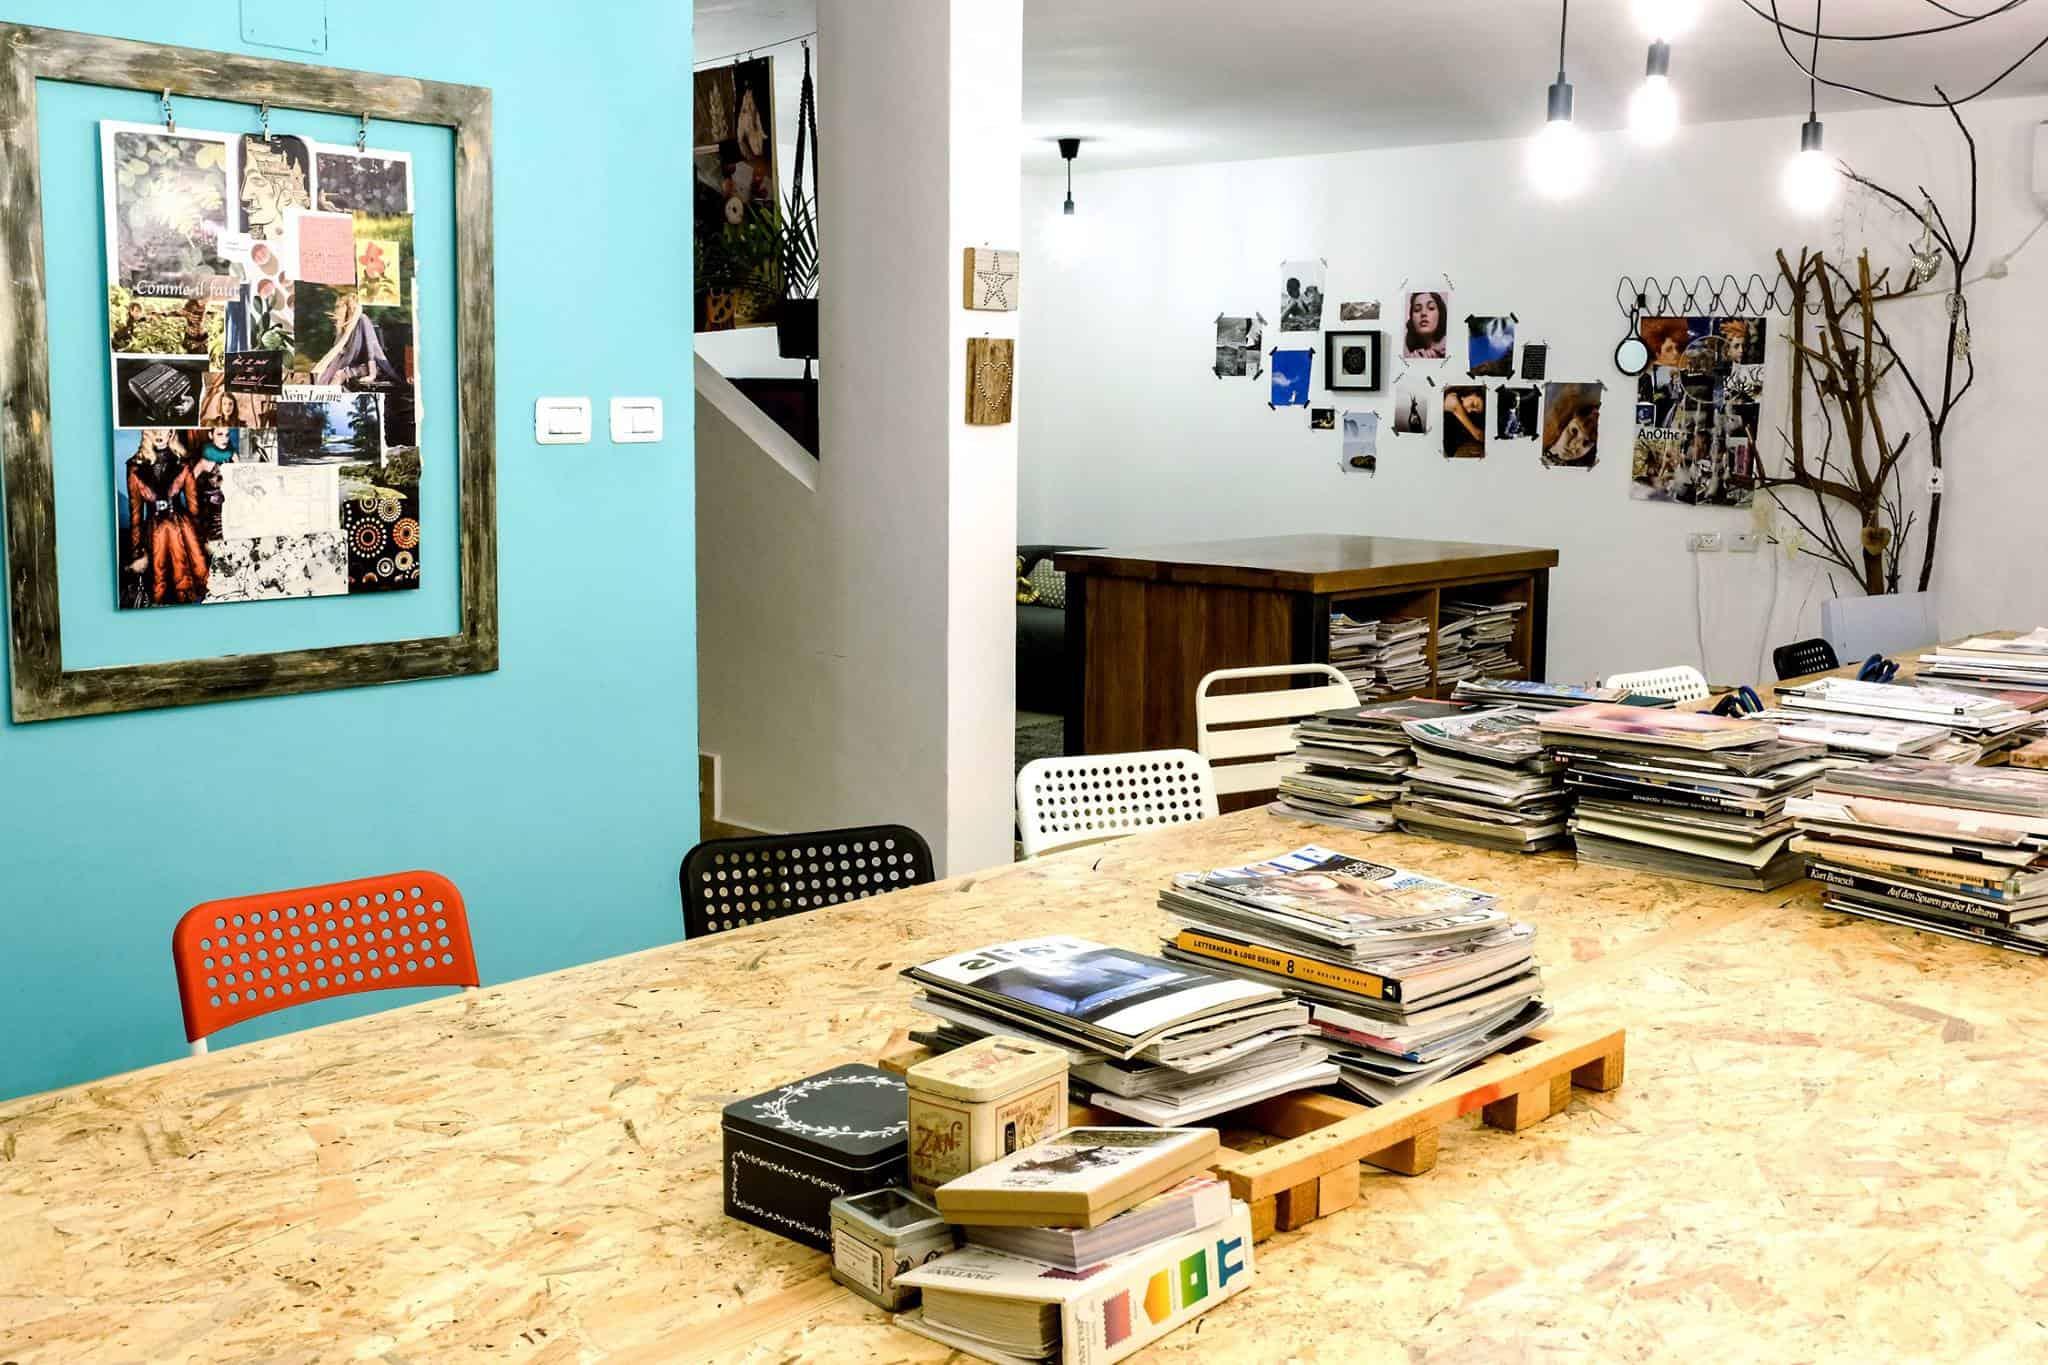 סטודיו Tamari And Me תמרי סלונים ליבס. סדנאות פינטרטס, לוחות השראה וחזון, הרצאות, ערבי שיח, סדנאות לארגונים וחברות